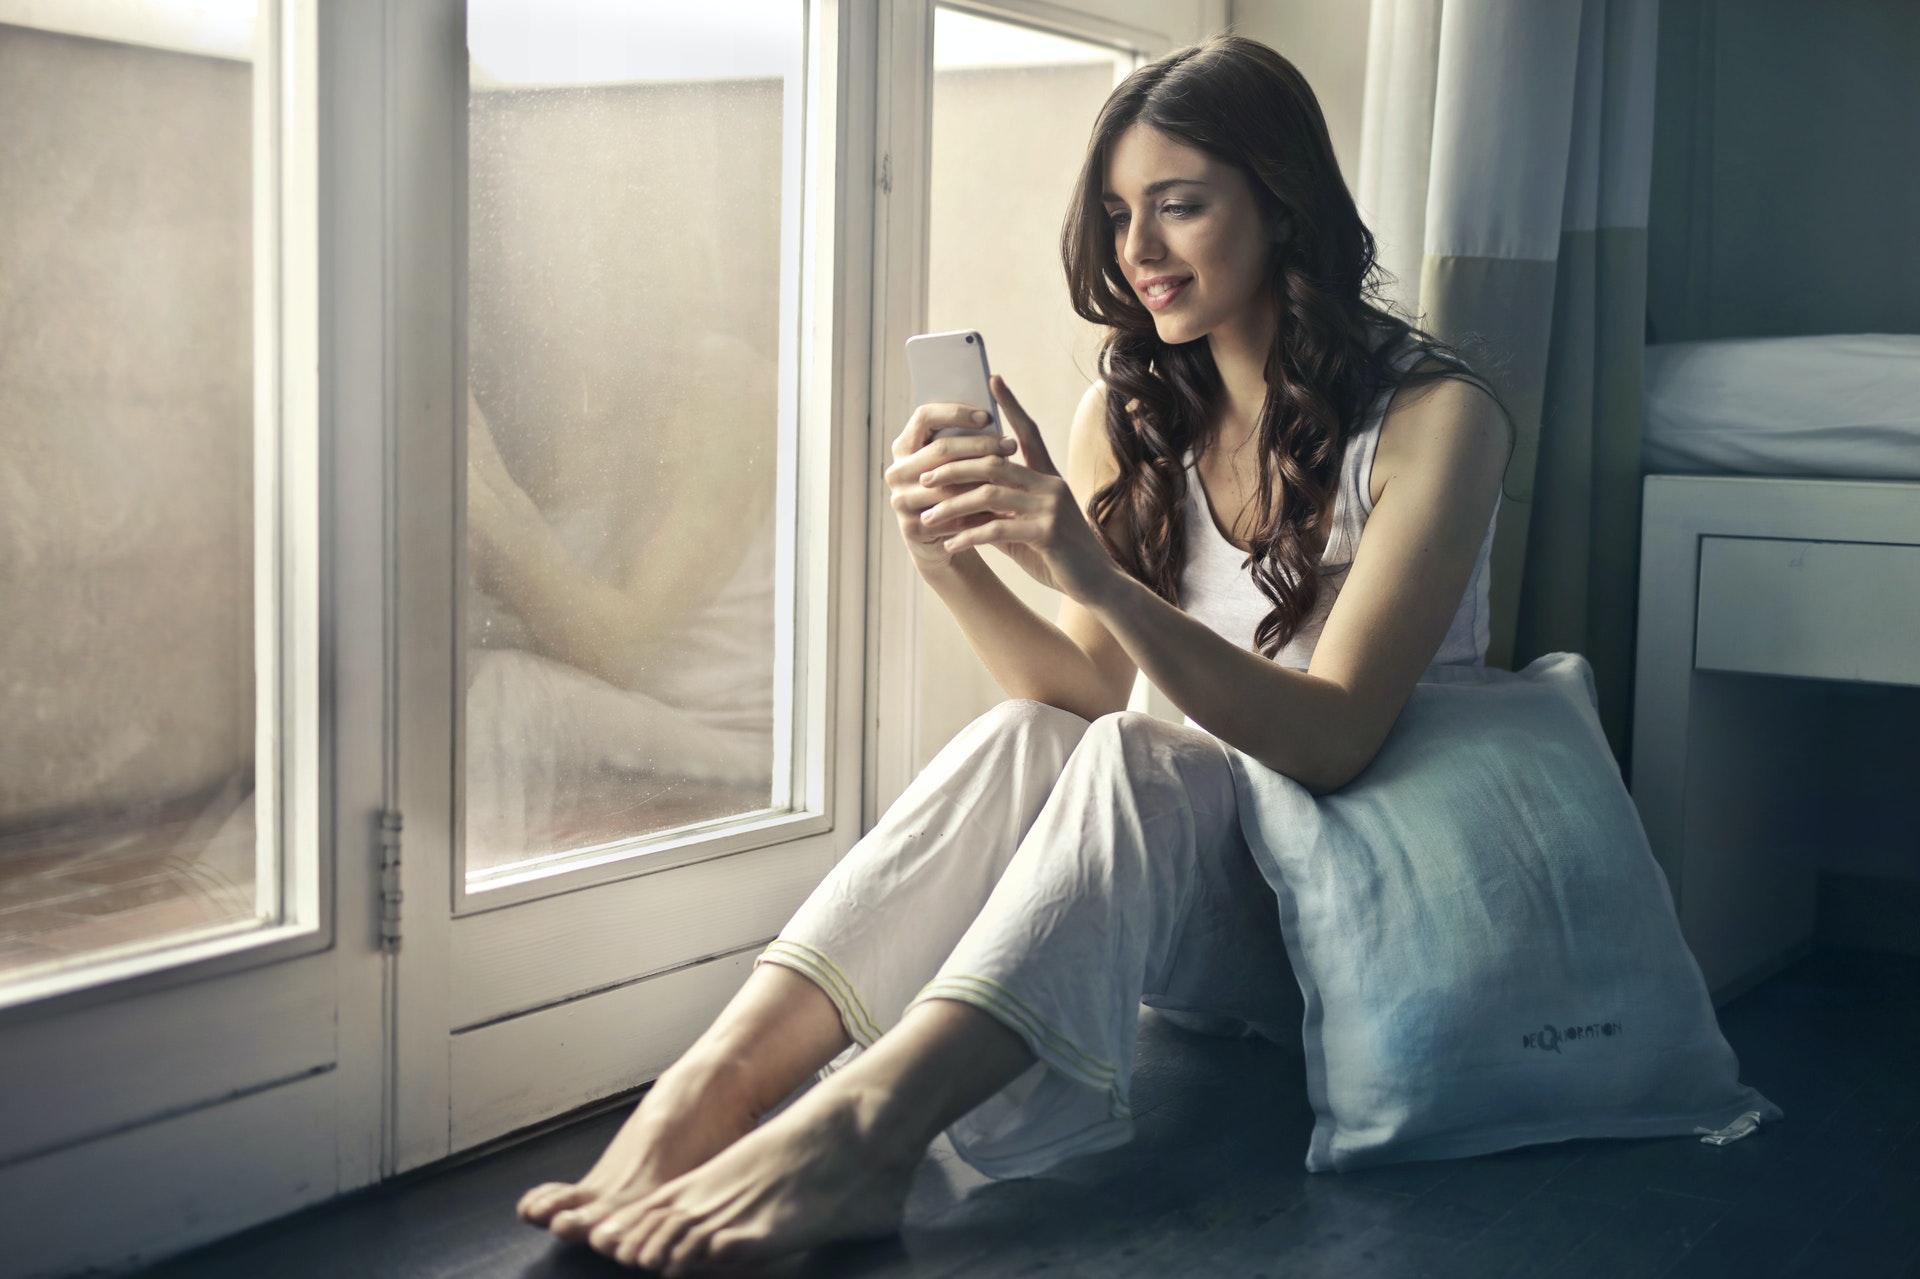 La nueva solución de vídeo para el hogar de ADT detecta tanto la presencia como la ausencia de personas y objetos.